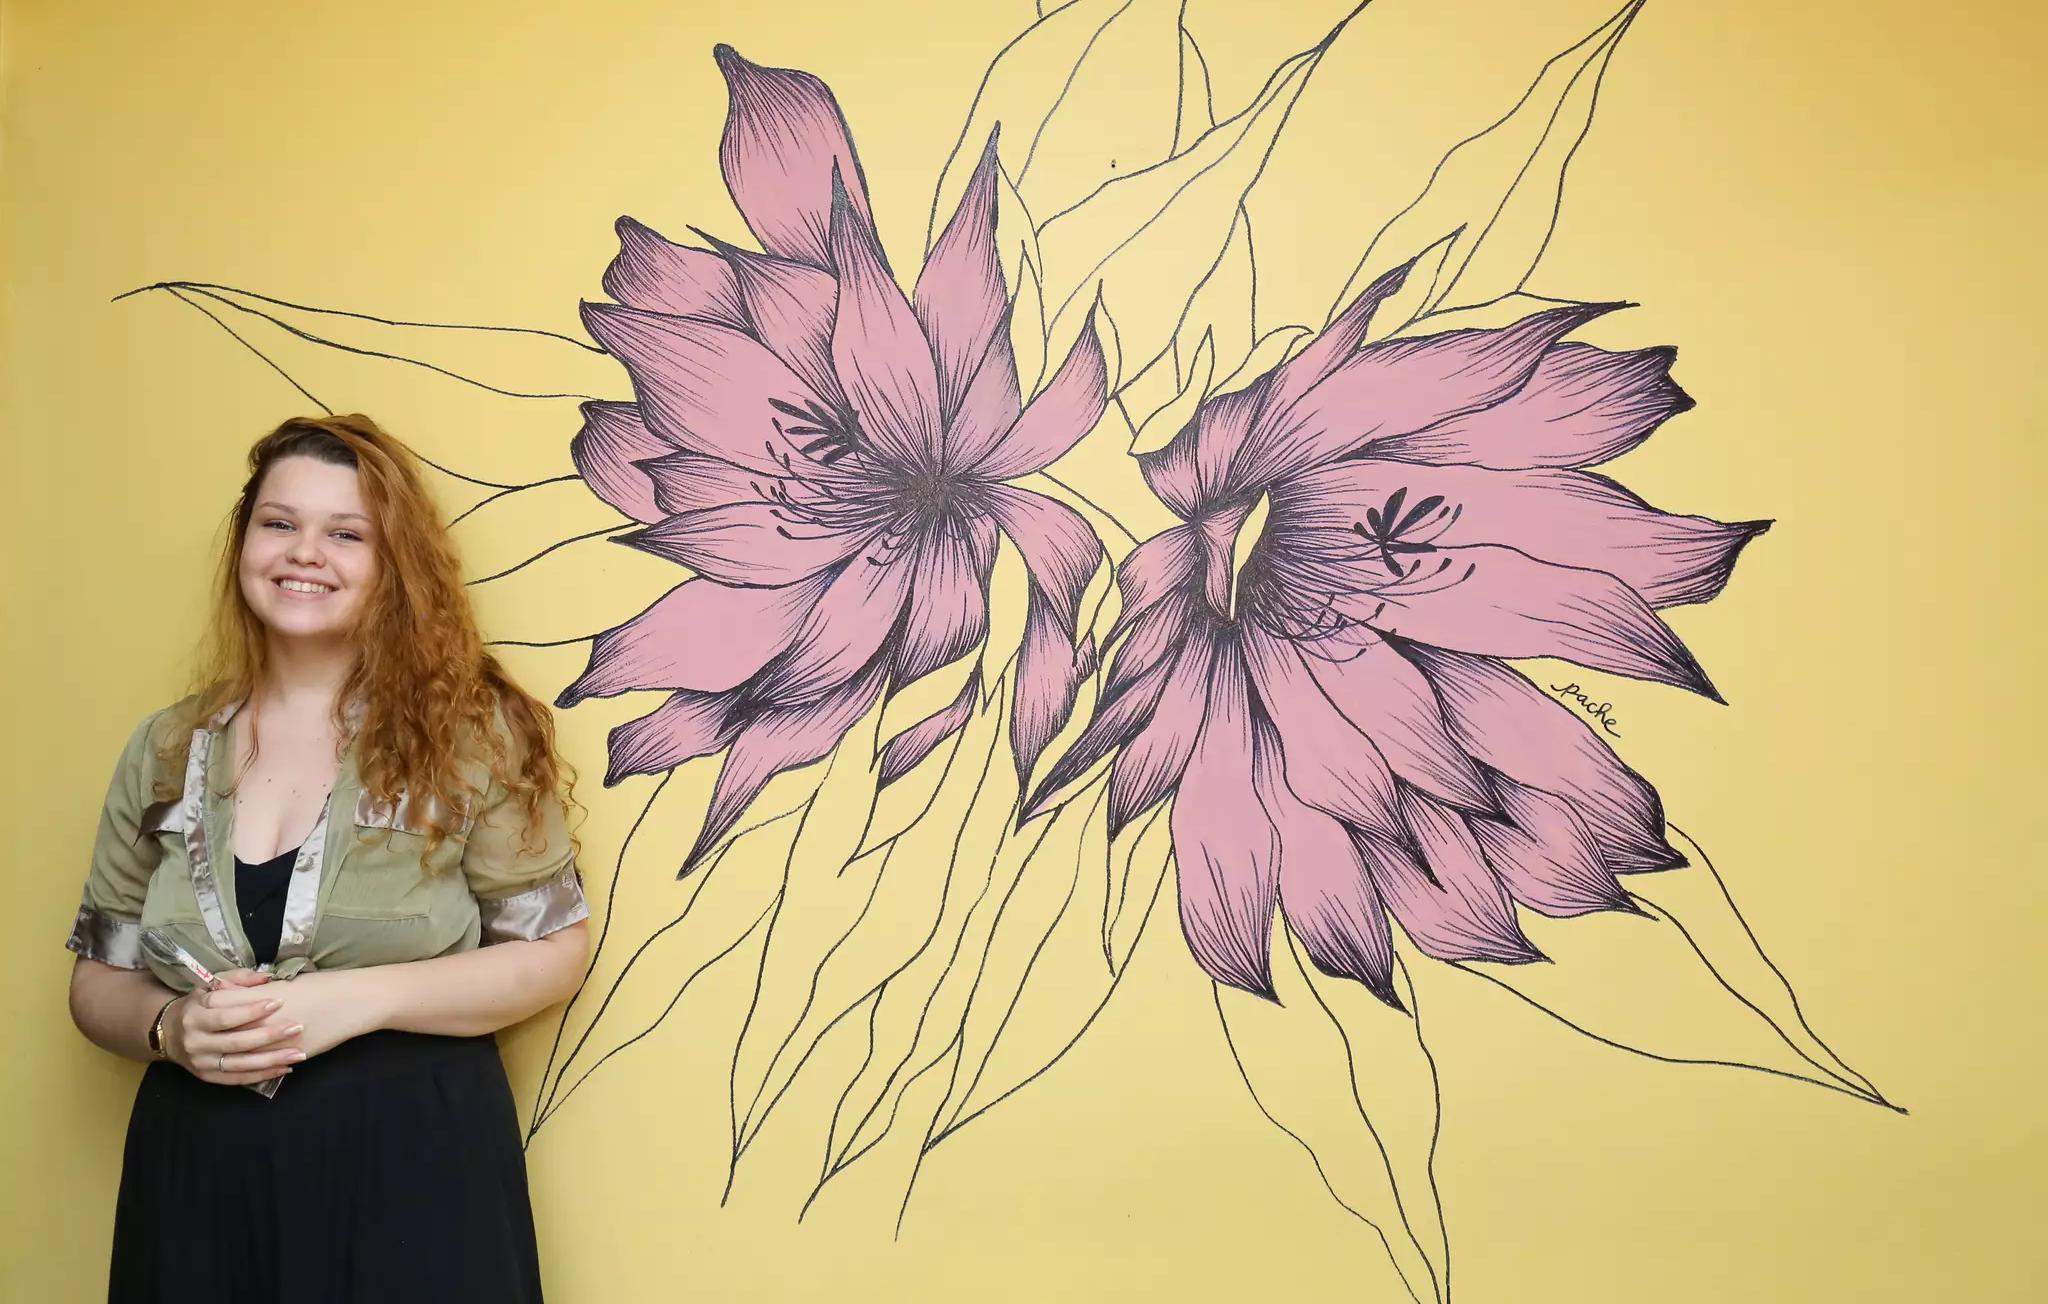 Arte em paredes, conhecida como muralismo, está cada vez mais em alta por ser uma opção acessível (Foto: Kísie Ainoã)